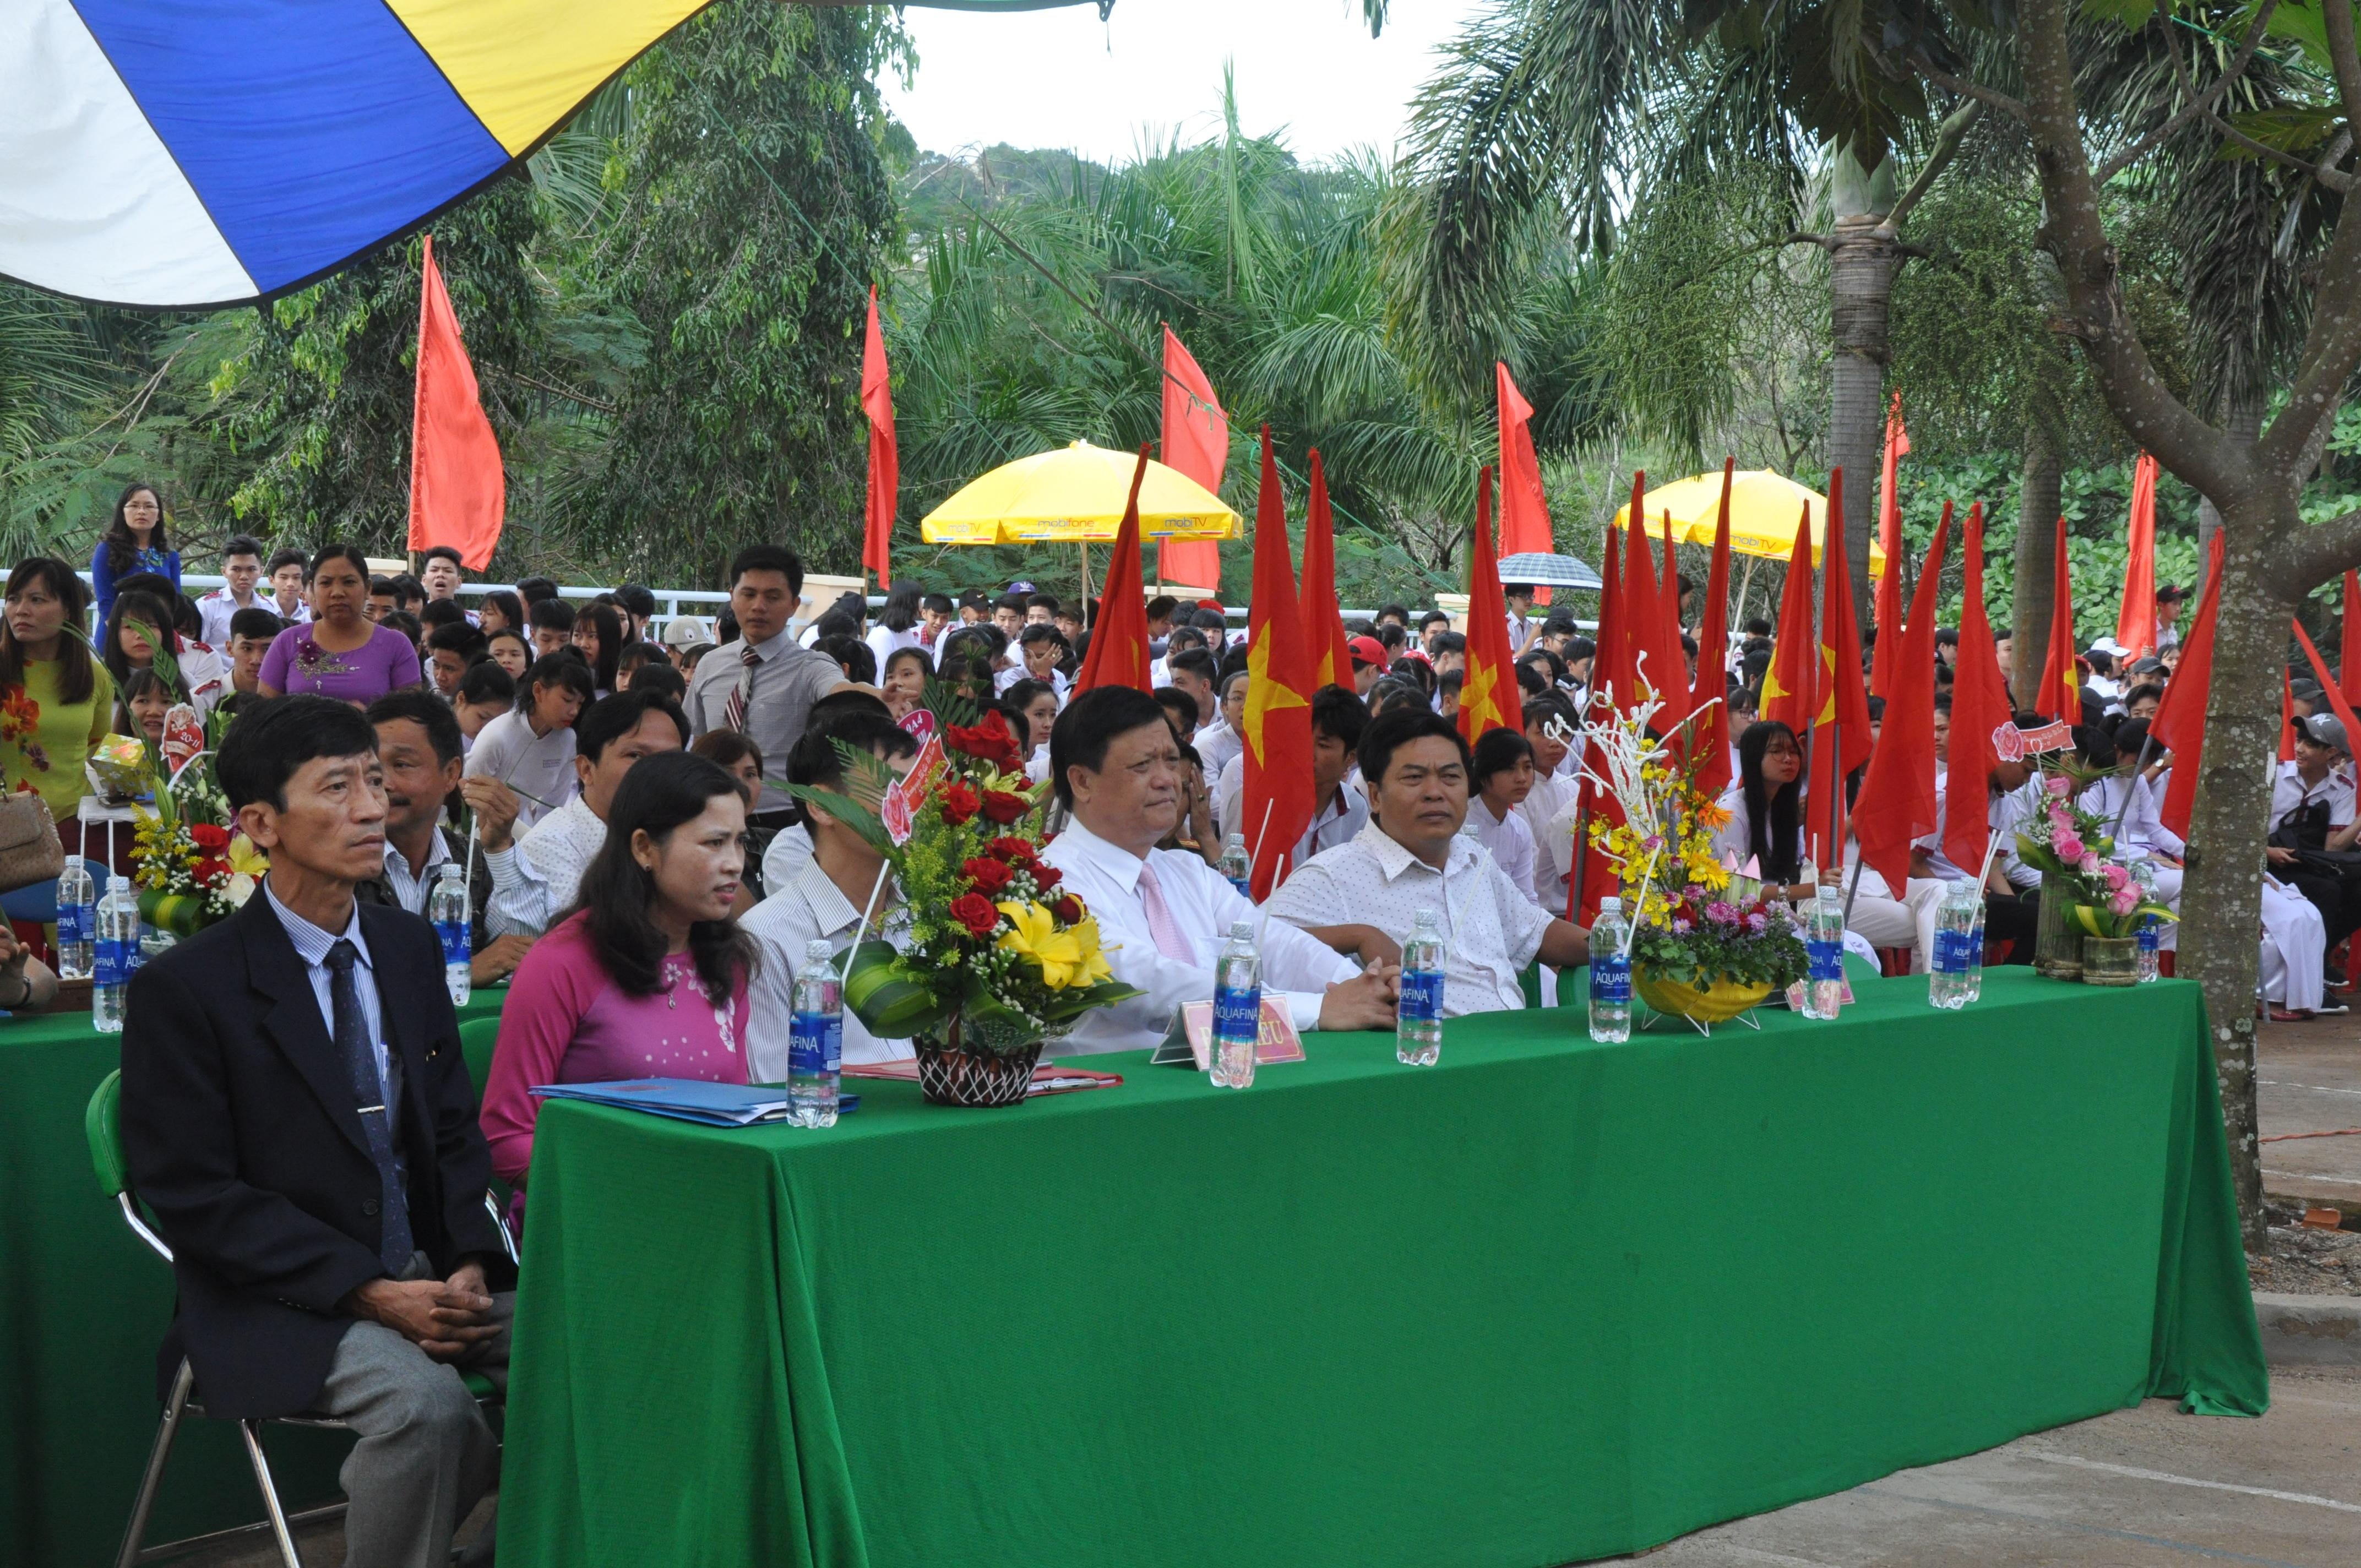 Lễ Mít tinh kỷ niệm ngày Nhà giáo Việt Nam 20-11 trường THPT Gia Nghĩa